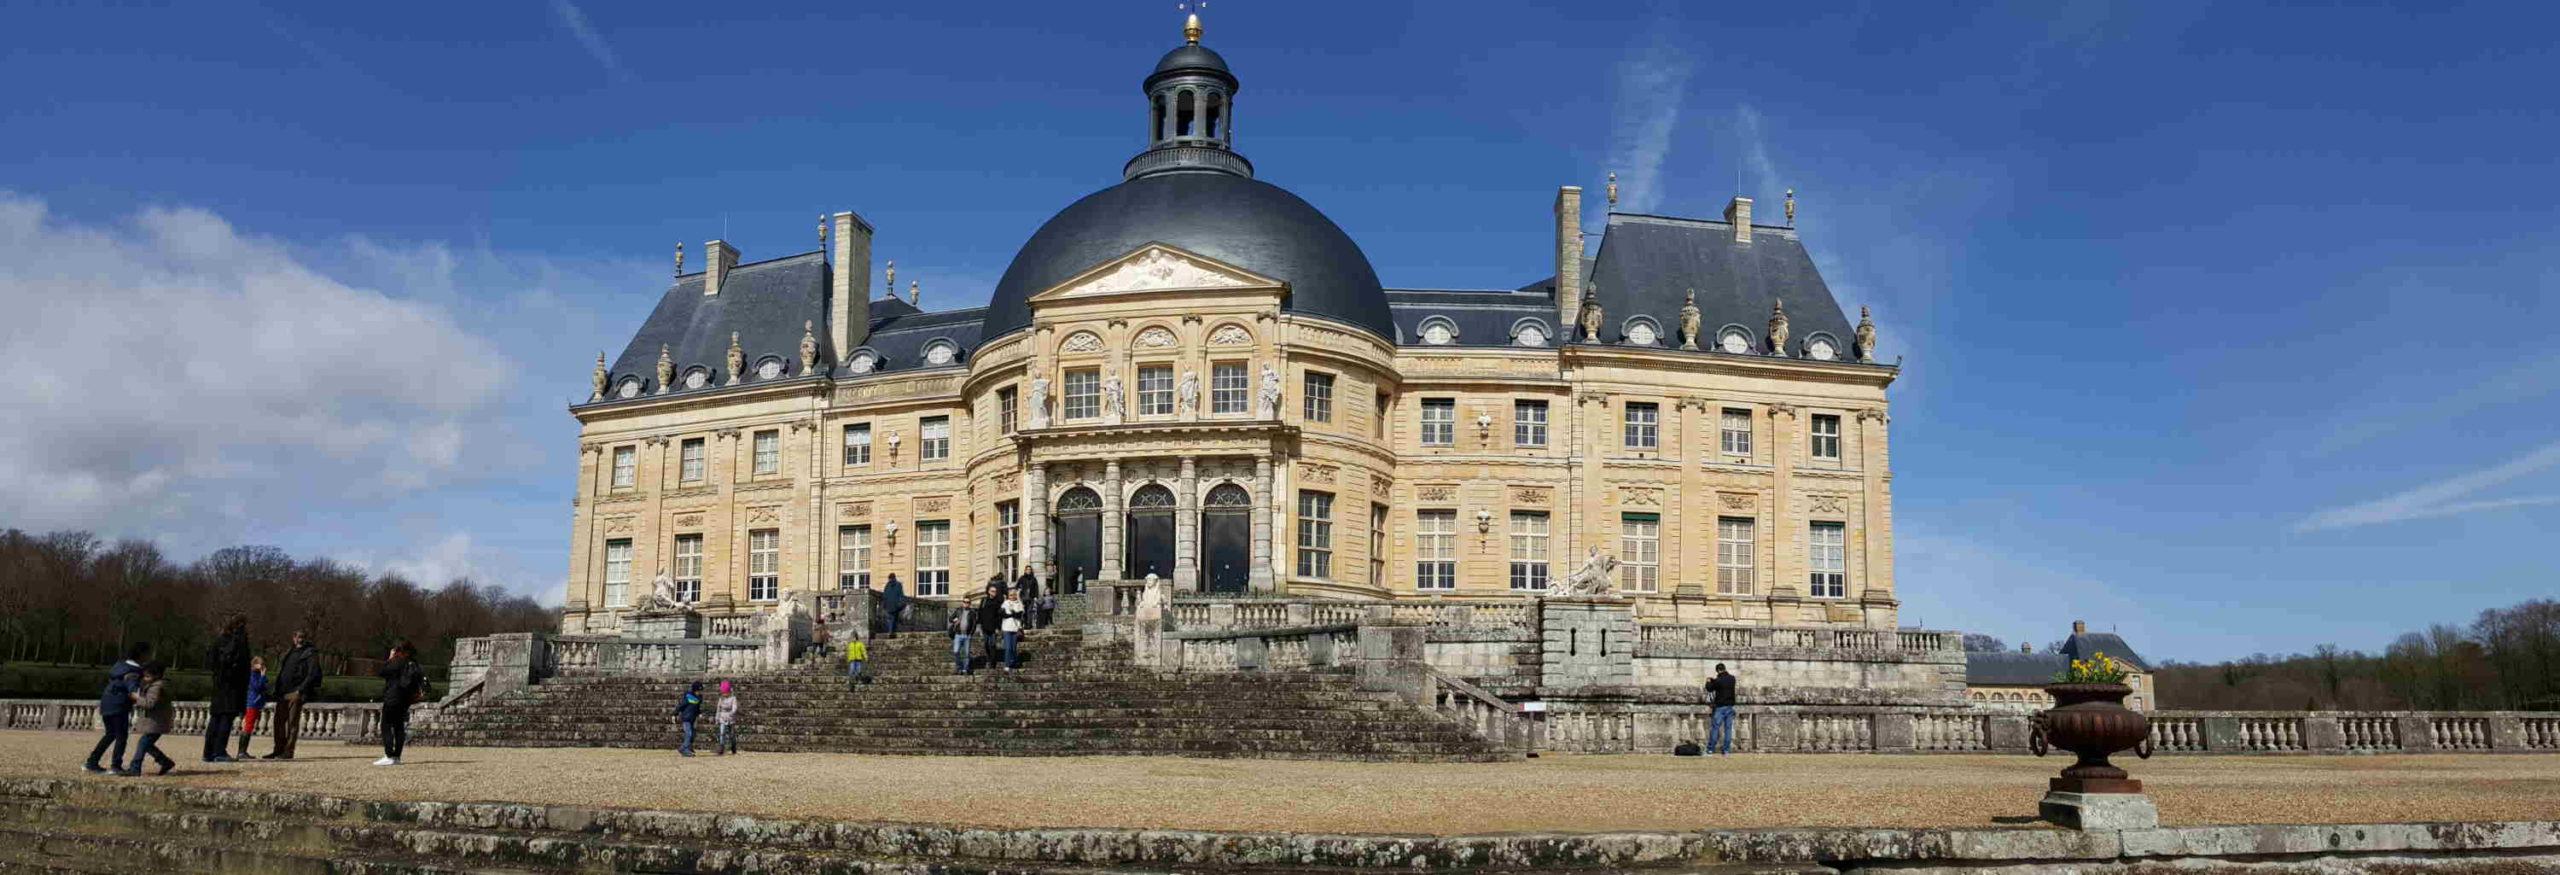 Château de Vaux le Vicomte une des sorties à faire en famille en Ile de France